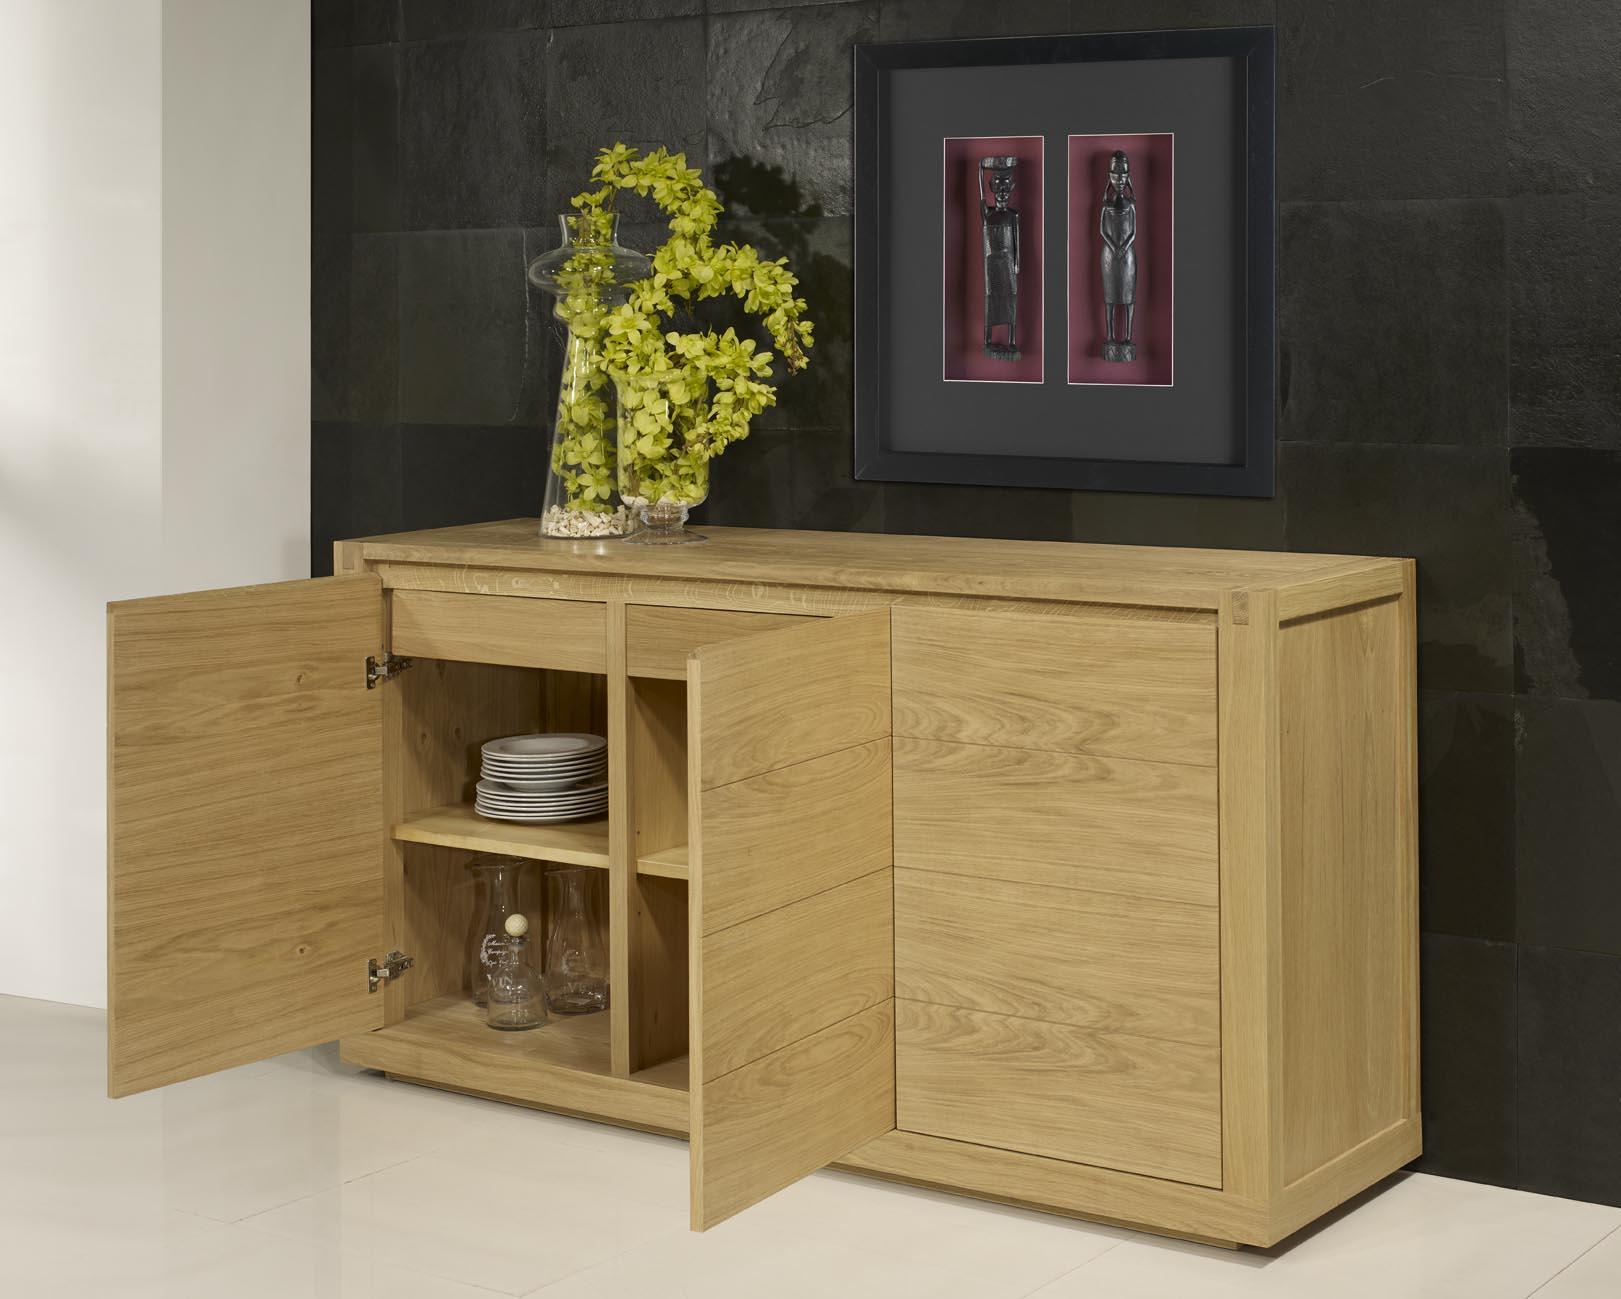 buffet 3 portes mathis en ch ne de style contemporain. Black Bedroom Furniture Sets. Home Design Ideas